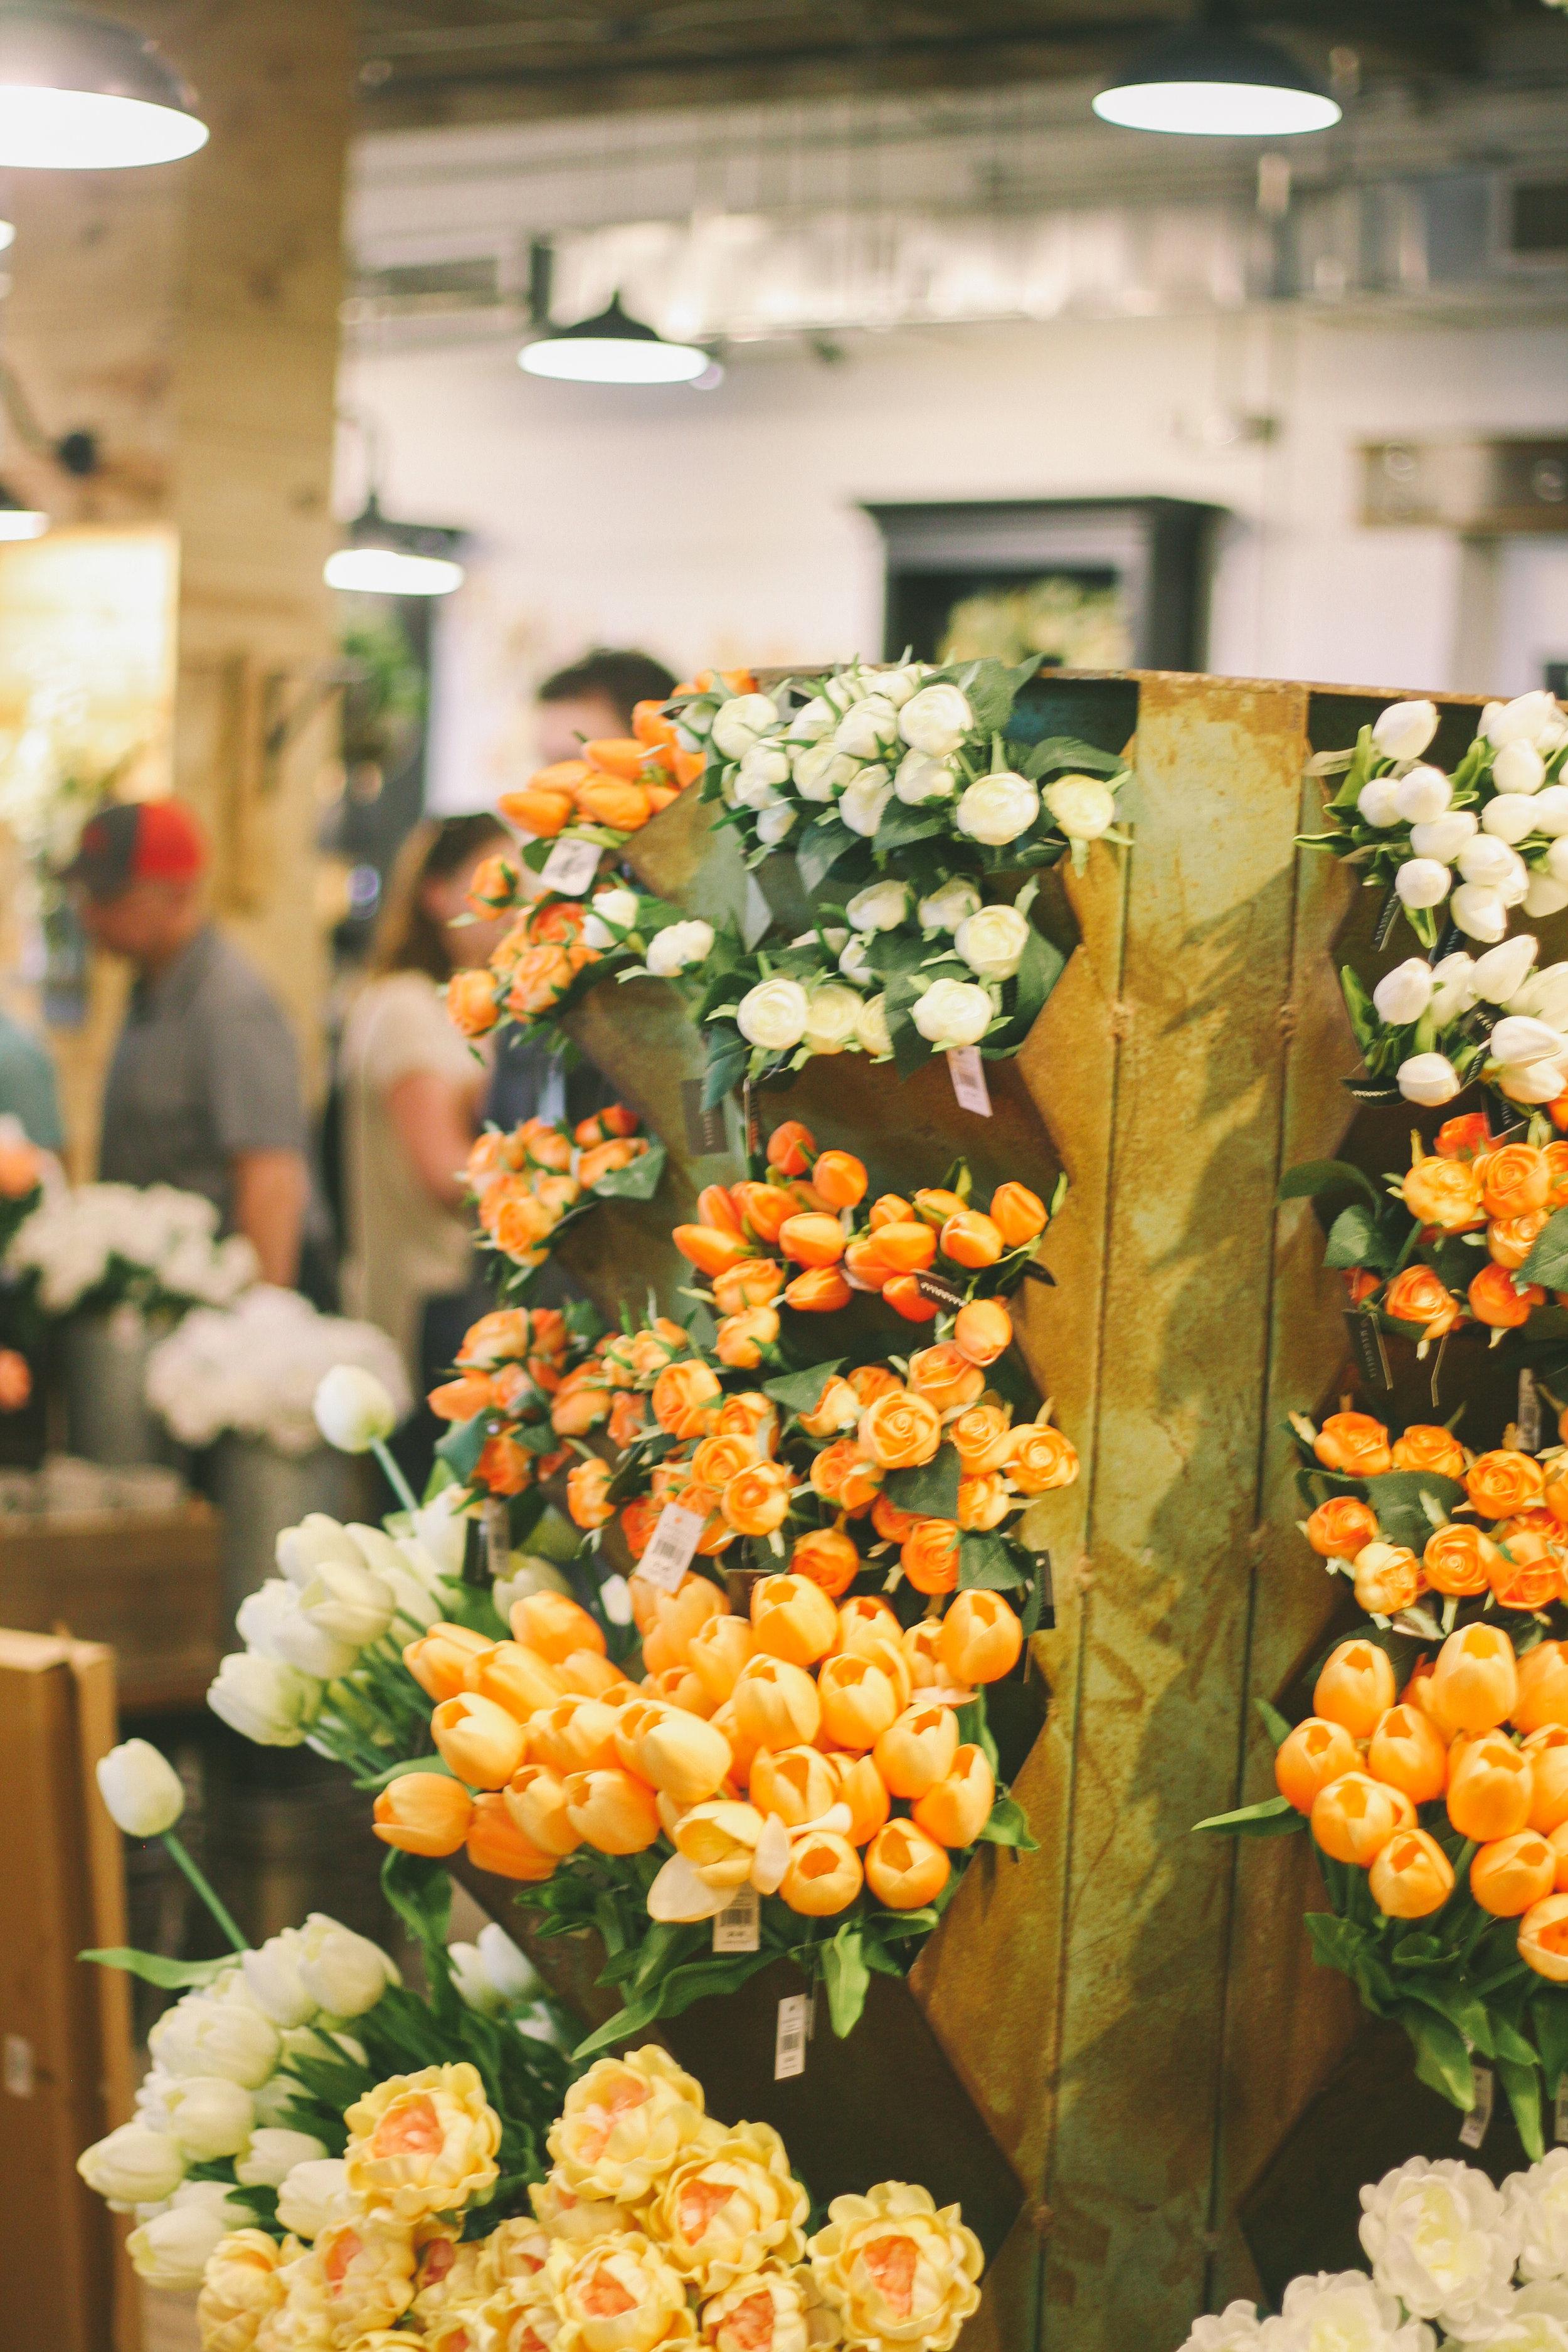 Magnolia Market Flowers.jpg